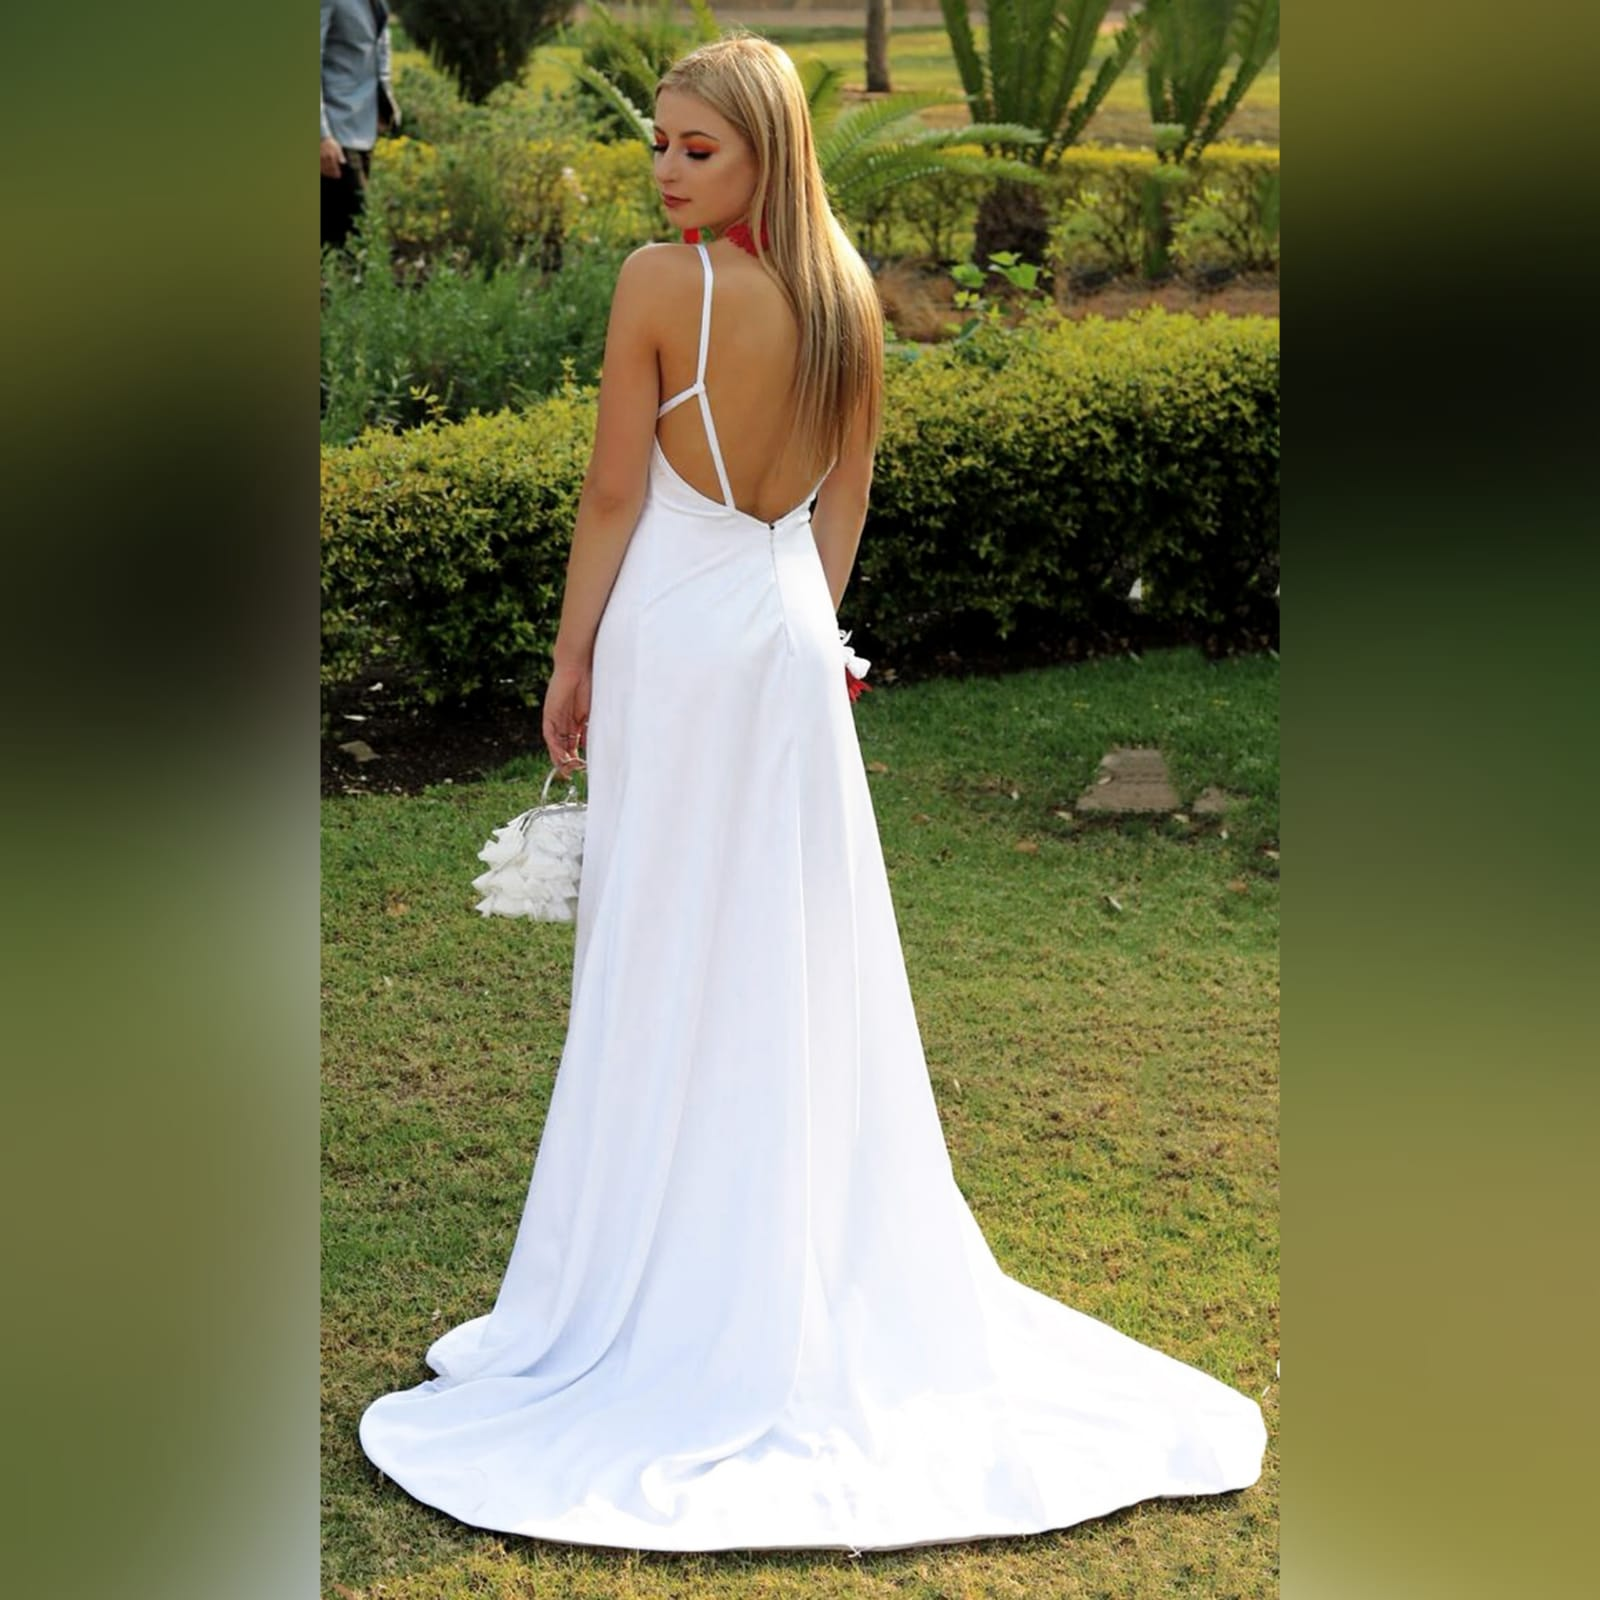 Vestido de finalistas longo de cetim branco com costas abertas 1 vestido de finalistas longo de cetim branco com costas abertas, com detalhe de fitas. Decote reto, 2 fendas e um trem.